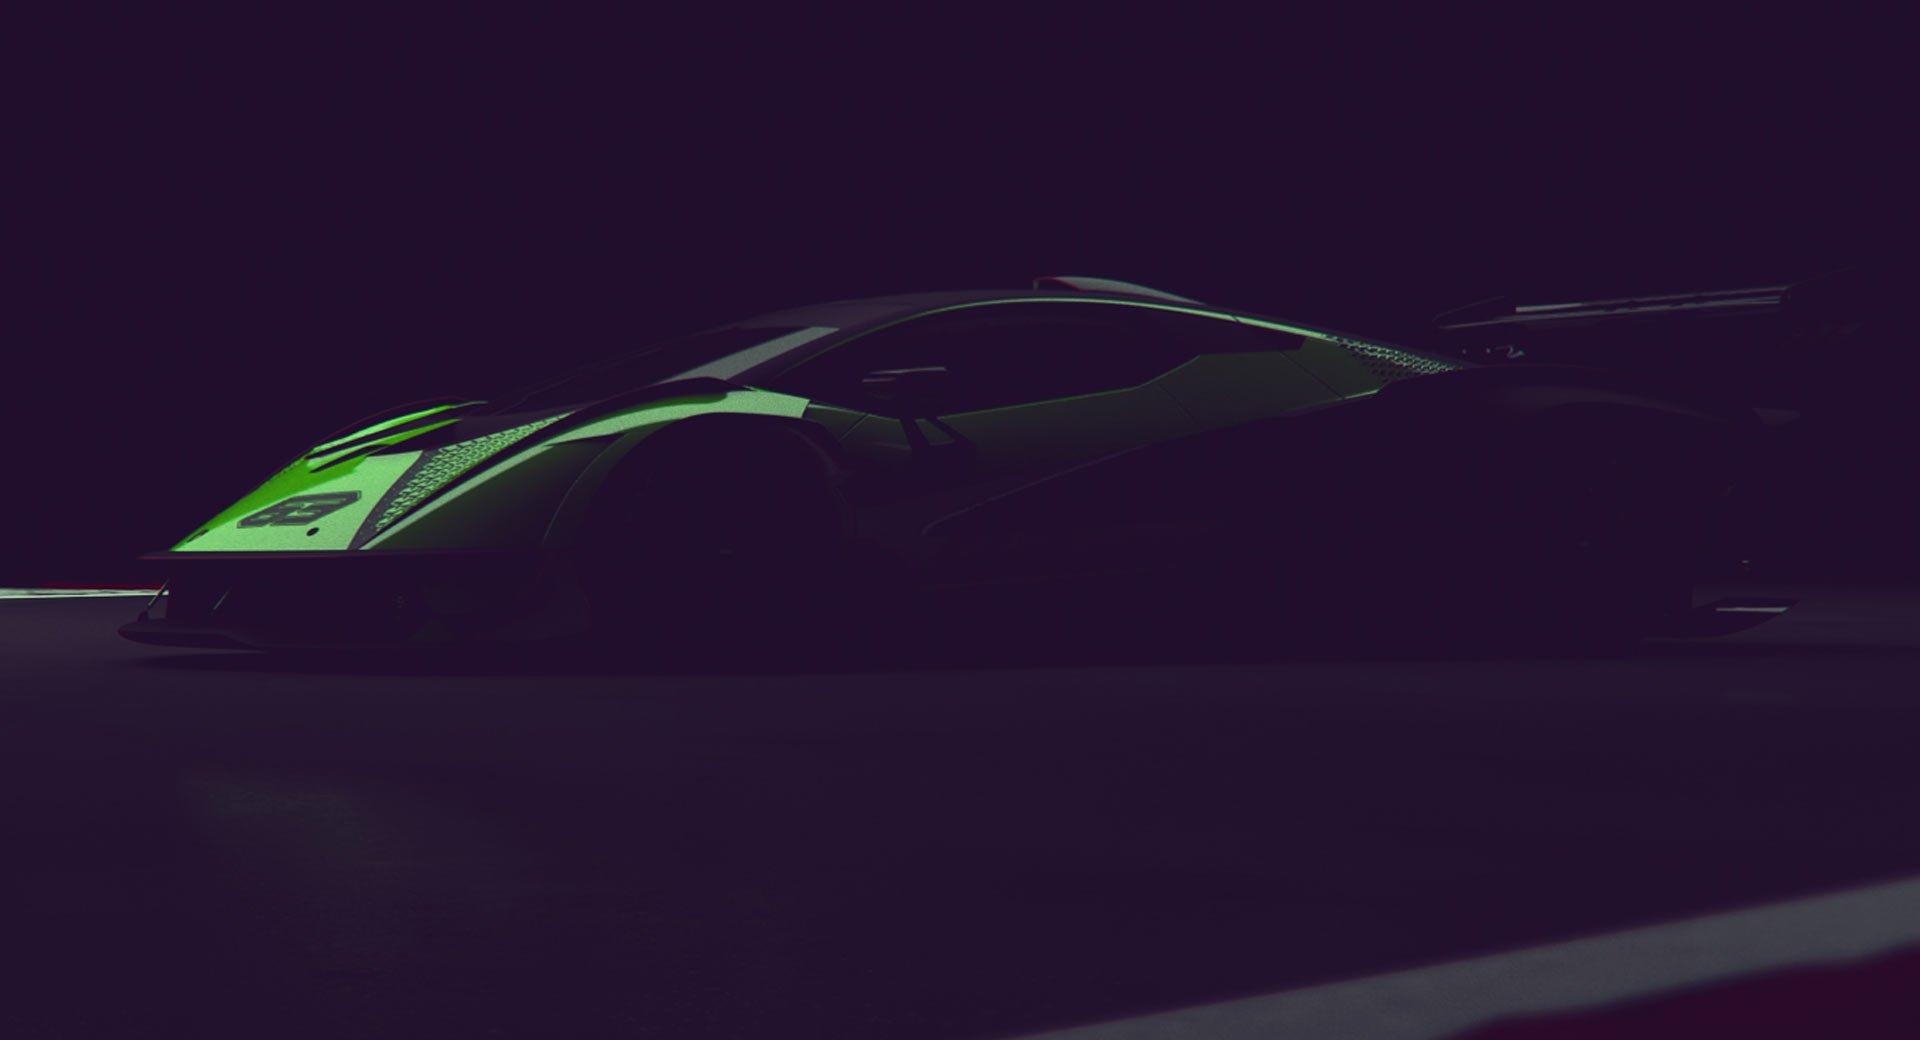 Superdeportivo Lamborghini Svr Circuito 2021 1